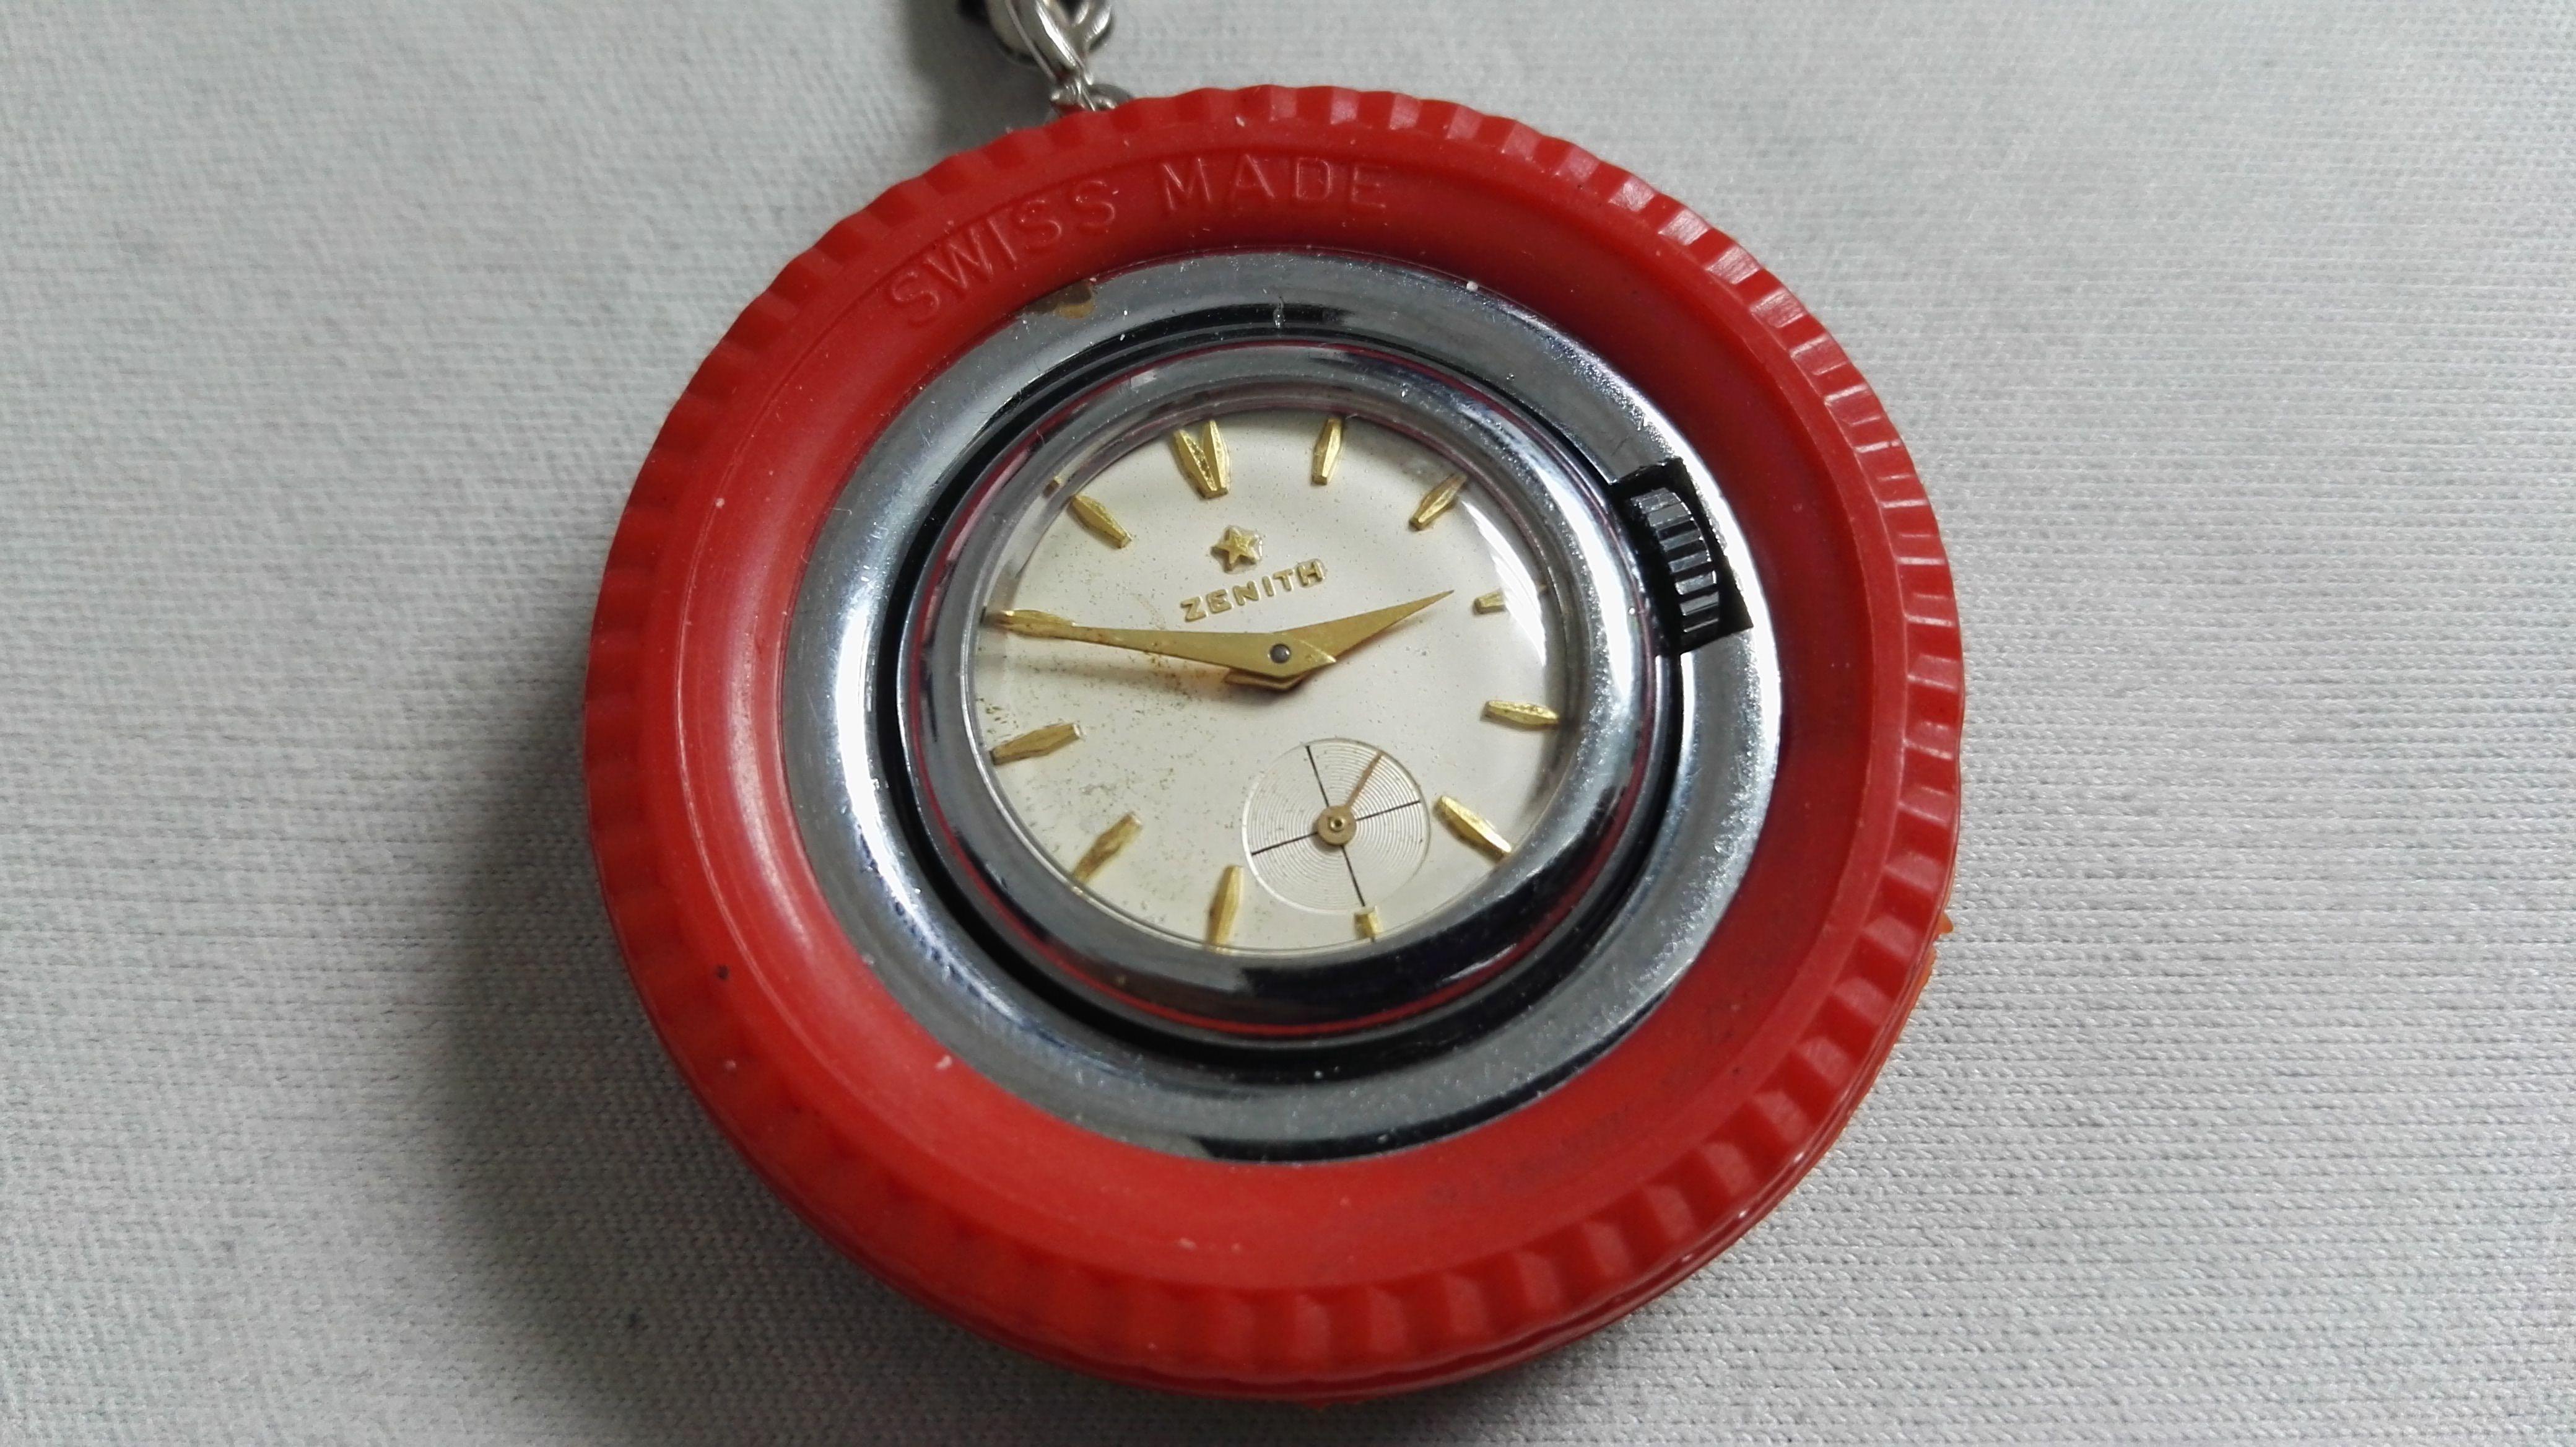 Zenith orologio portachiavi ruotino vintage meccanico manuale | San Giorgio a Cremano